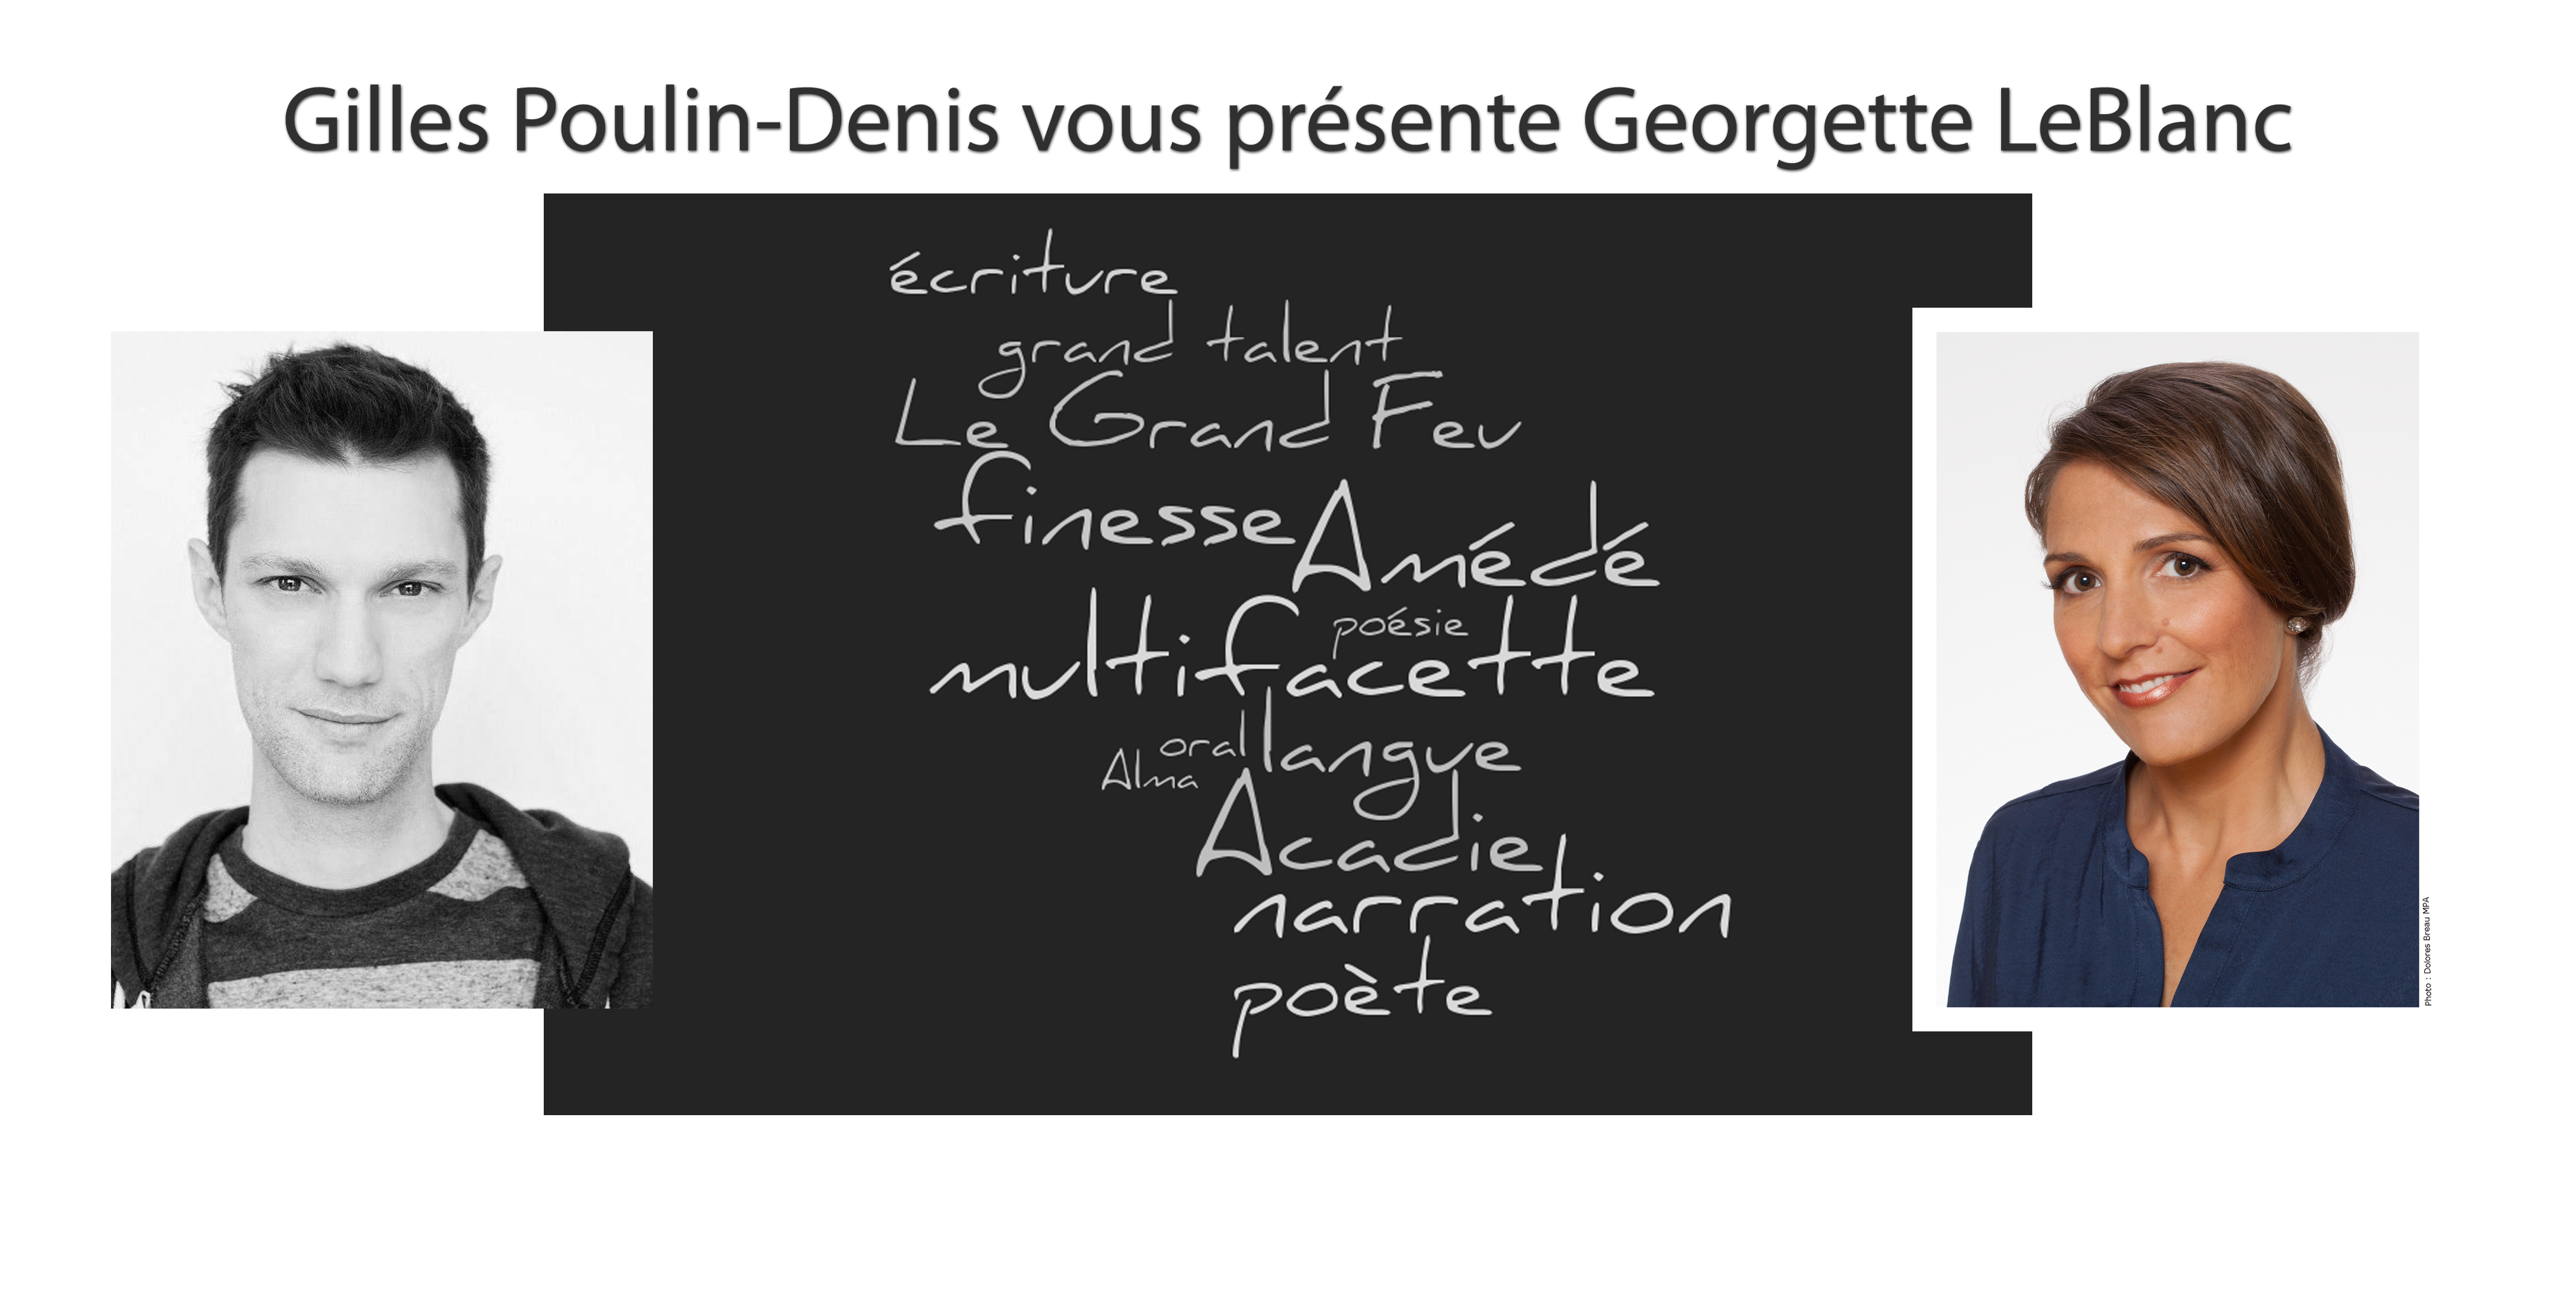 Gilles Poulin-Denis vous présente Georgette LeBlanc